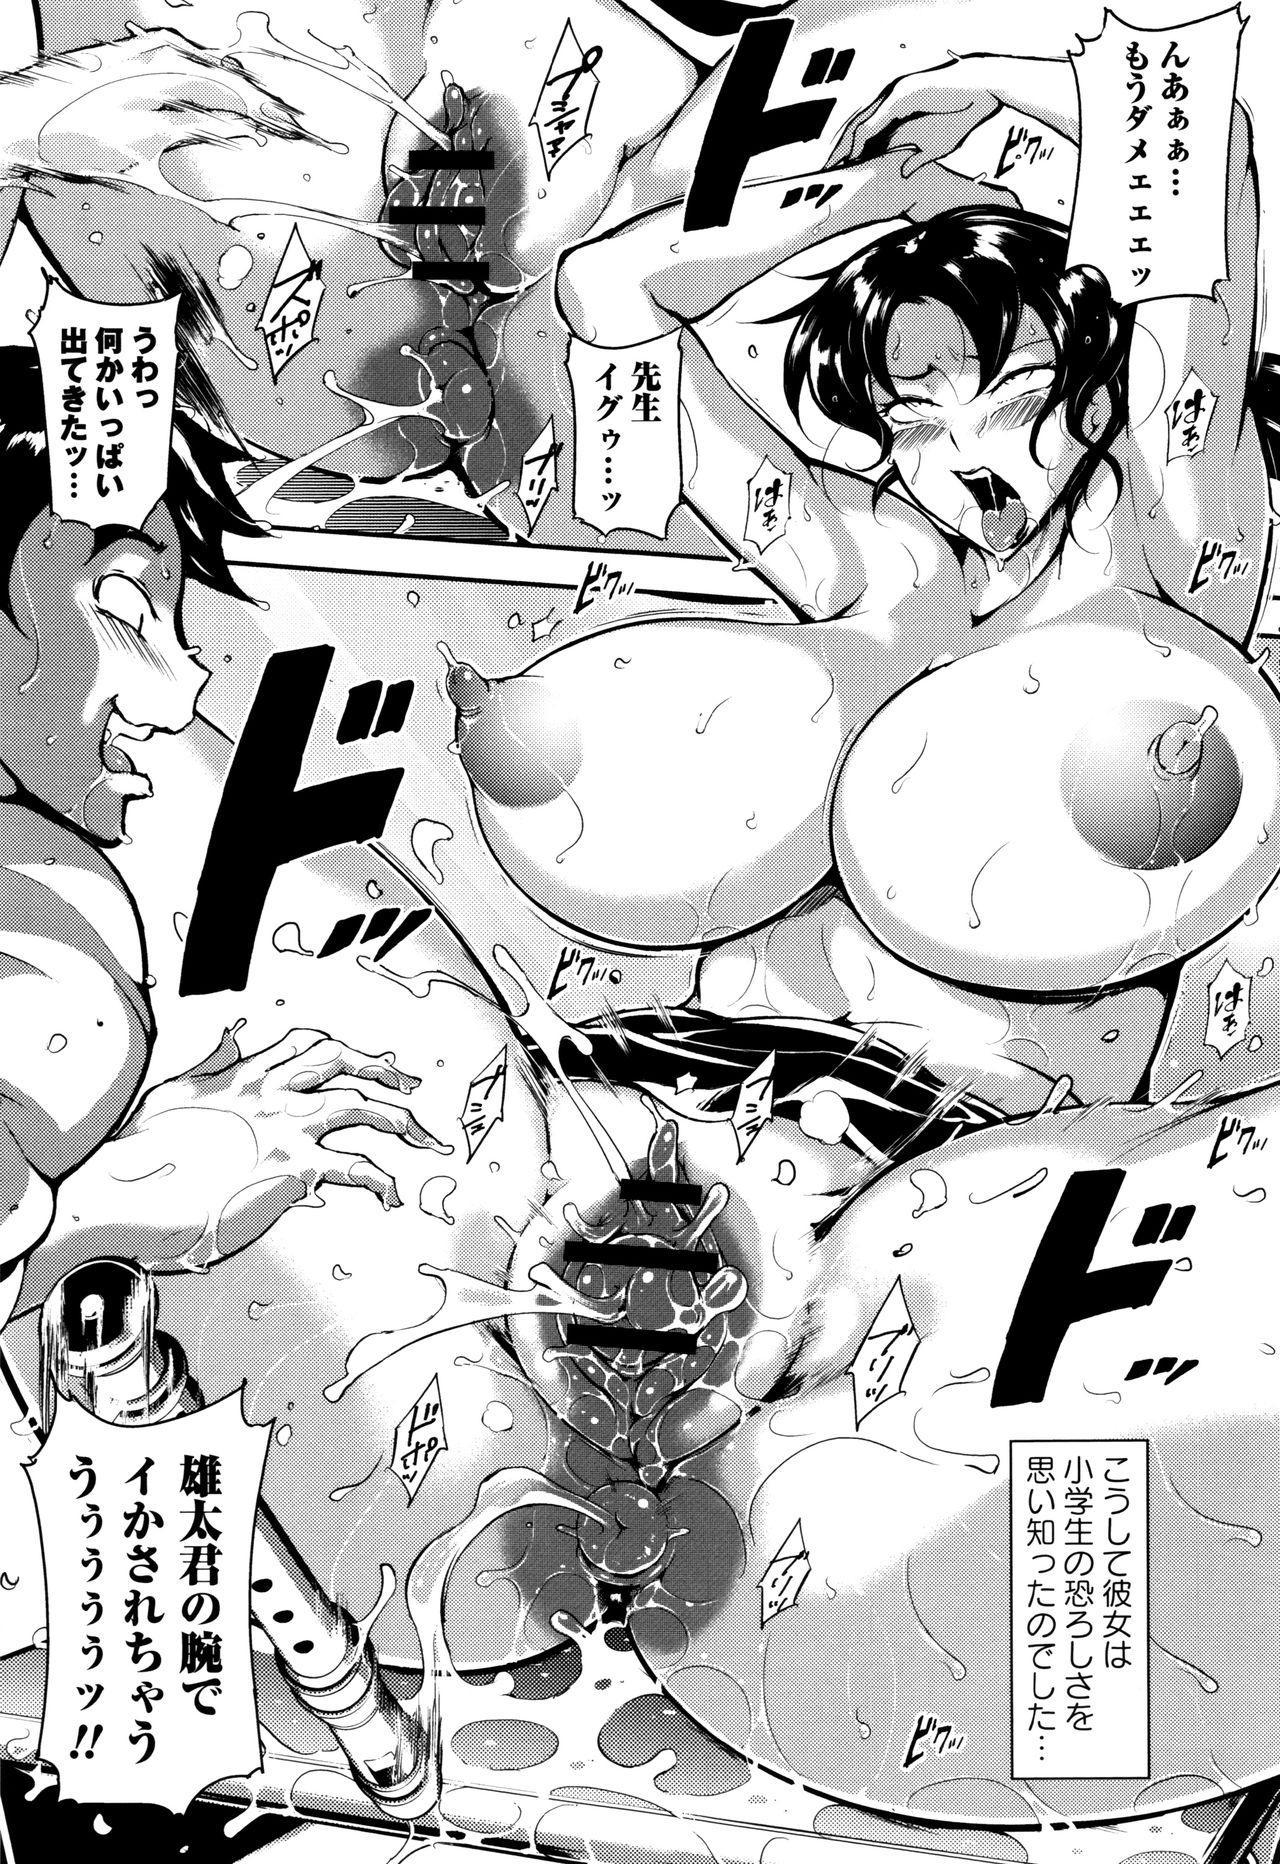 Ero BBA ♥ Dosukebe Ha Sengen 100